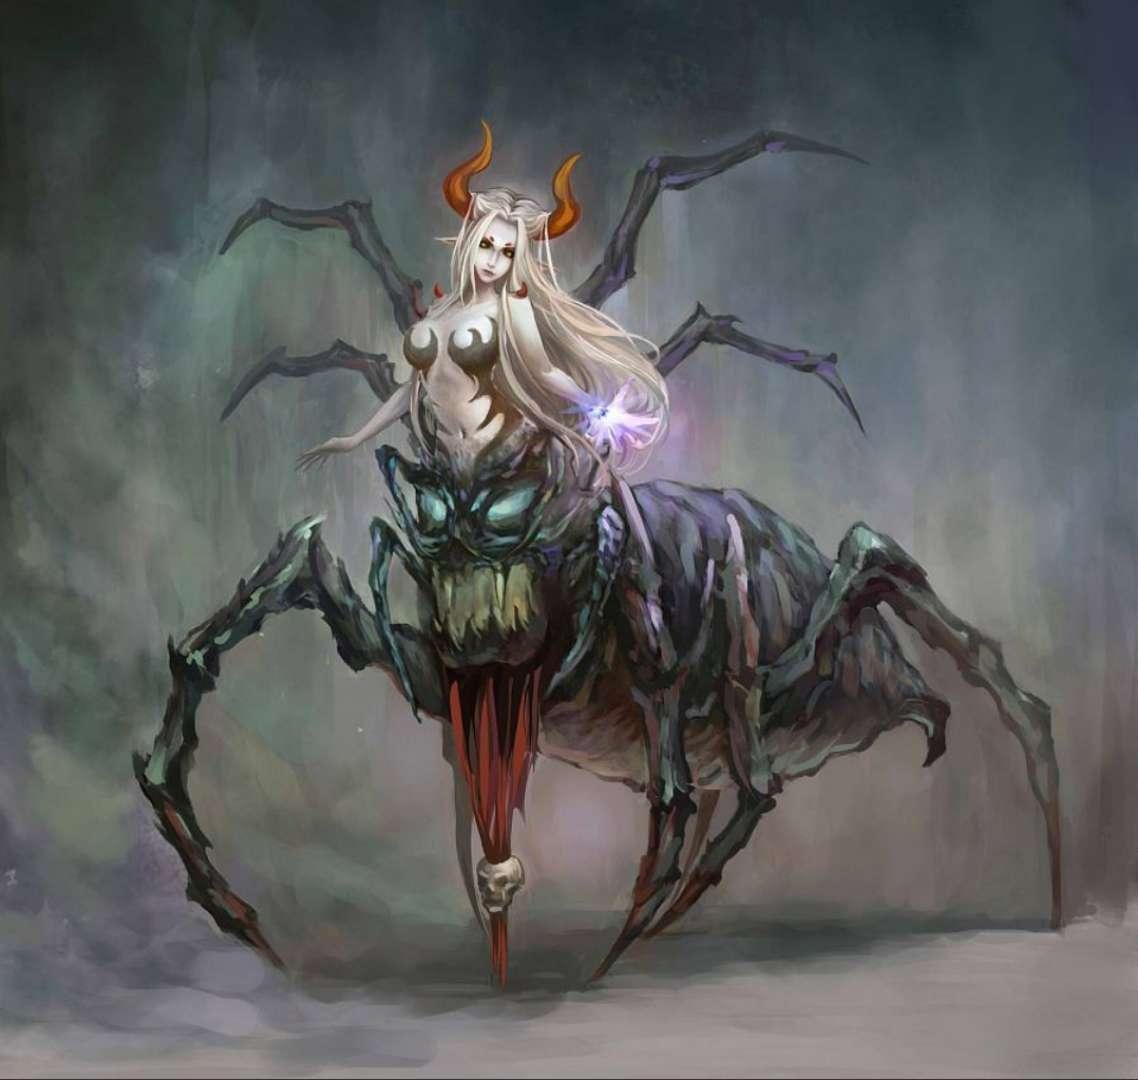 络新妇 棒络新妇蜘蛛有毒吗